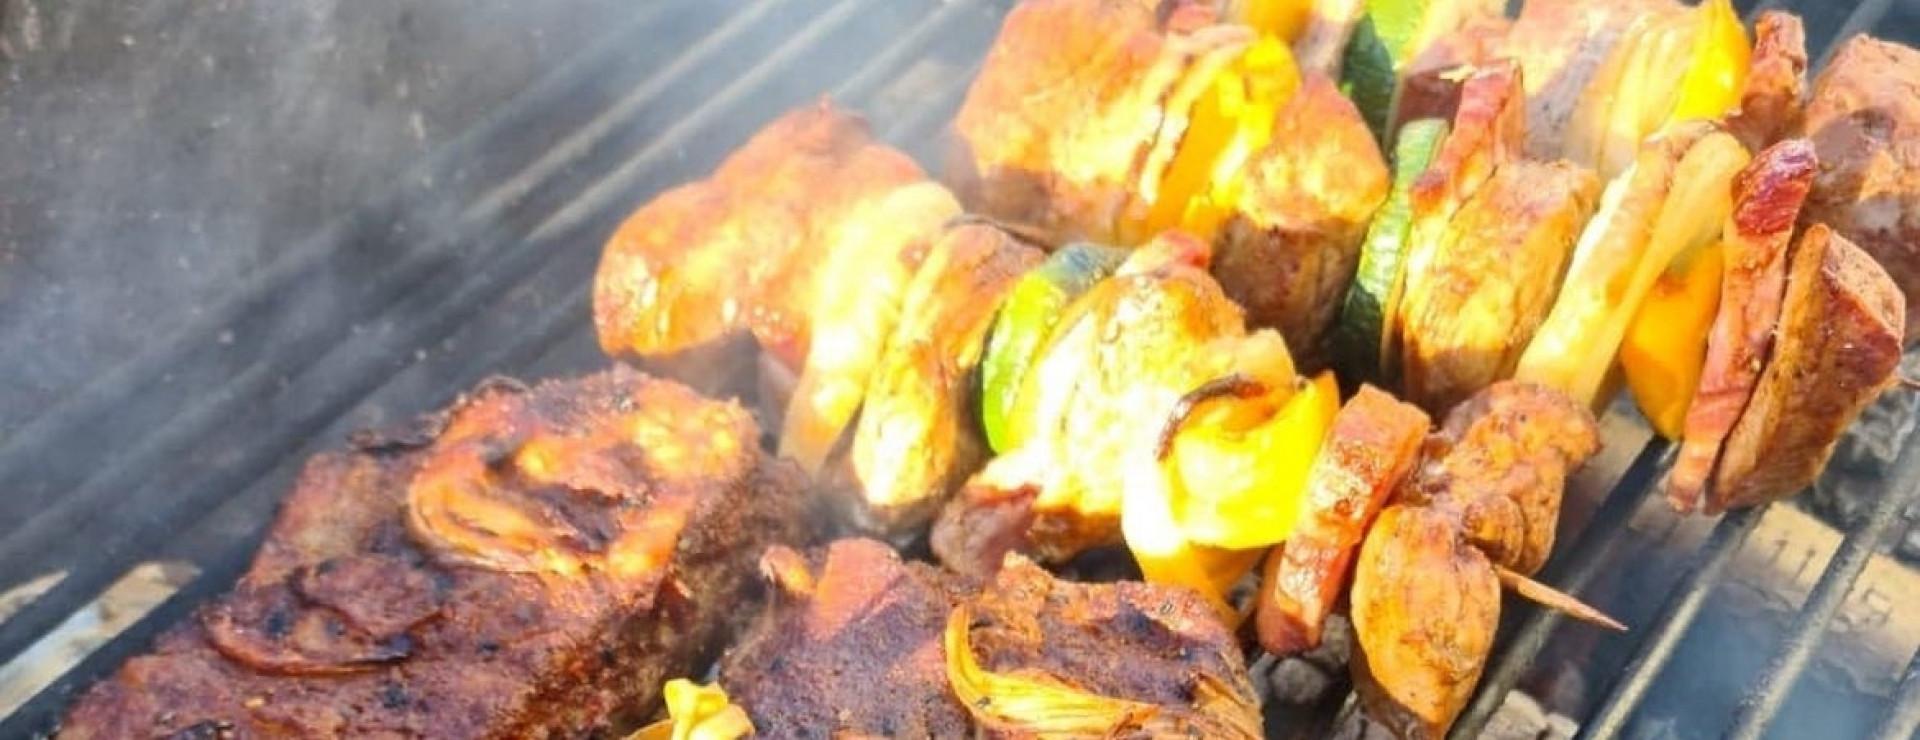 Majówkowy grill w Zatoce Smaków